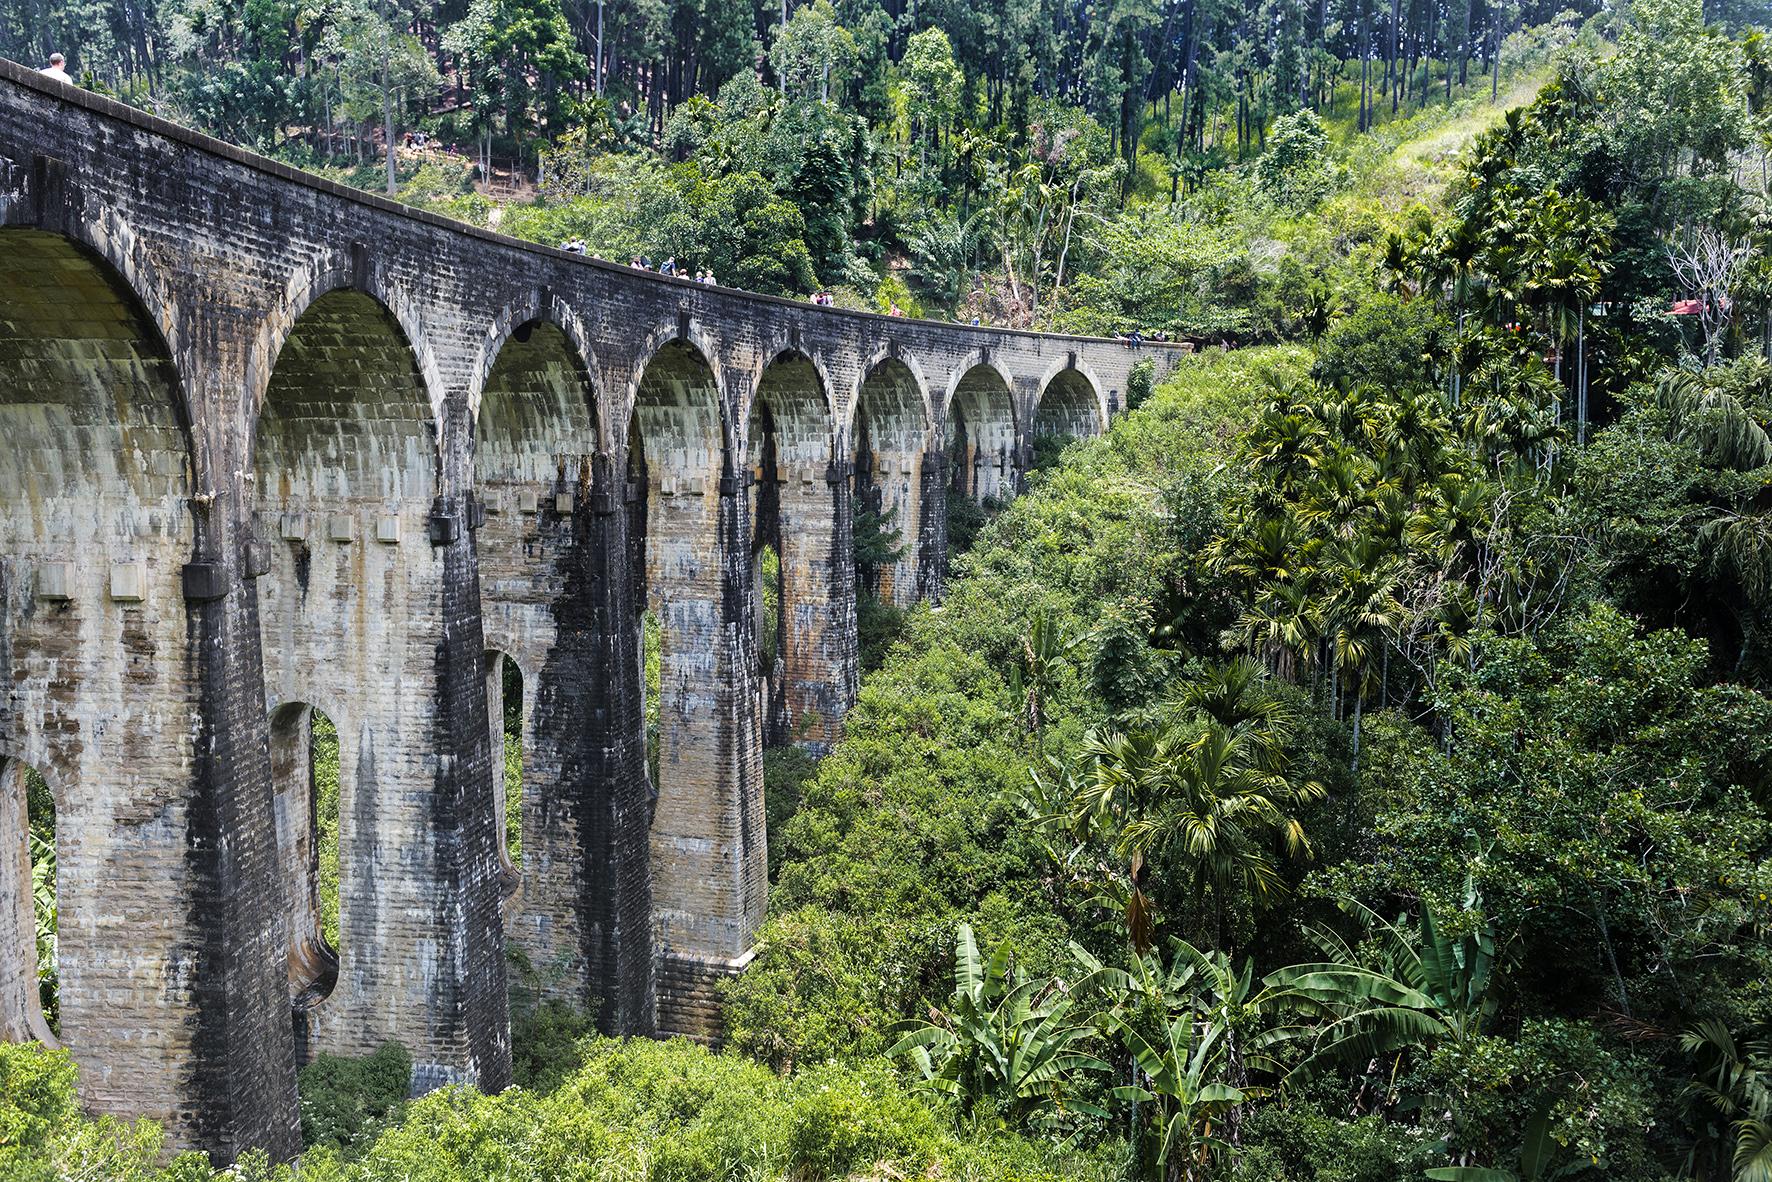 Photo d'un pont en pierres avec 9 arches dans la jungle.